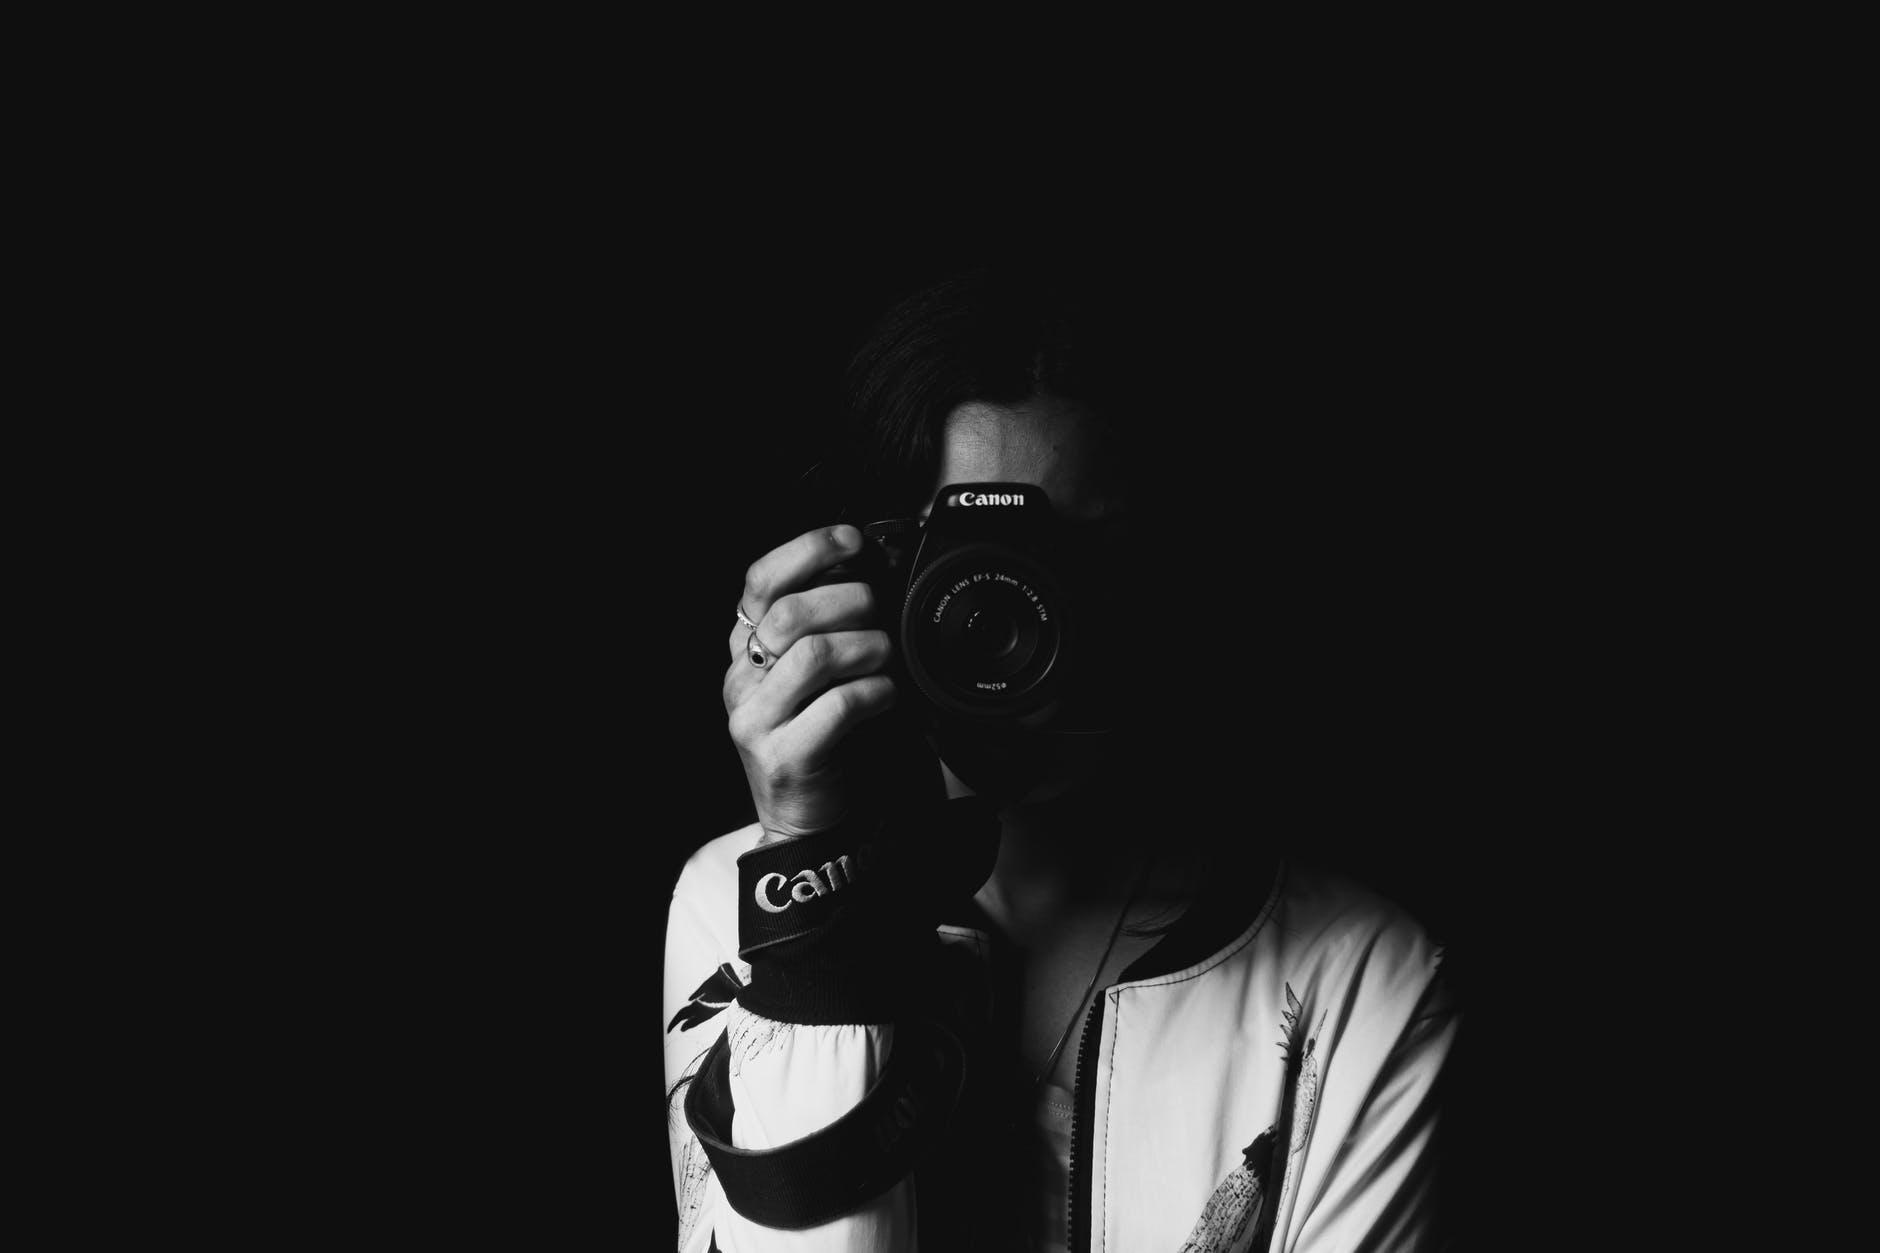 pexels-photo-7684147